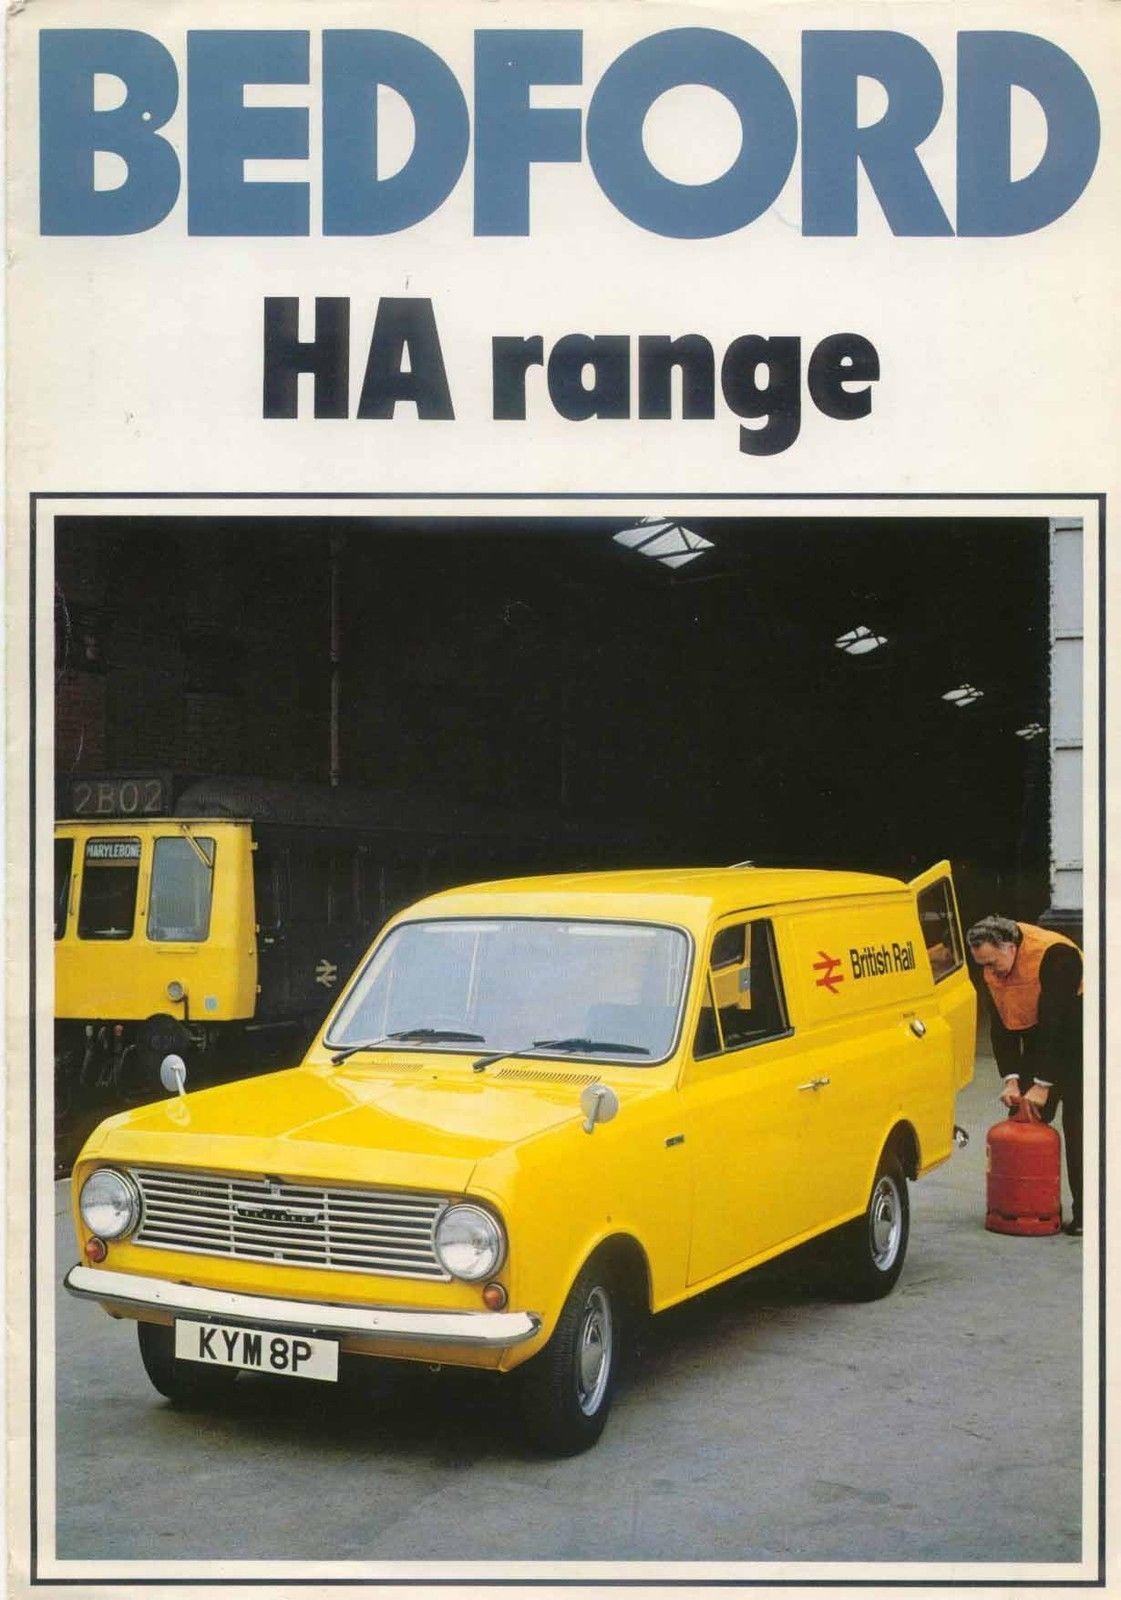 Bedford HA 110 130 Van 1977 Original UK Sales Brochure No B/BX1735 ...